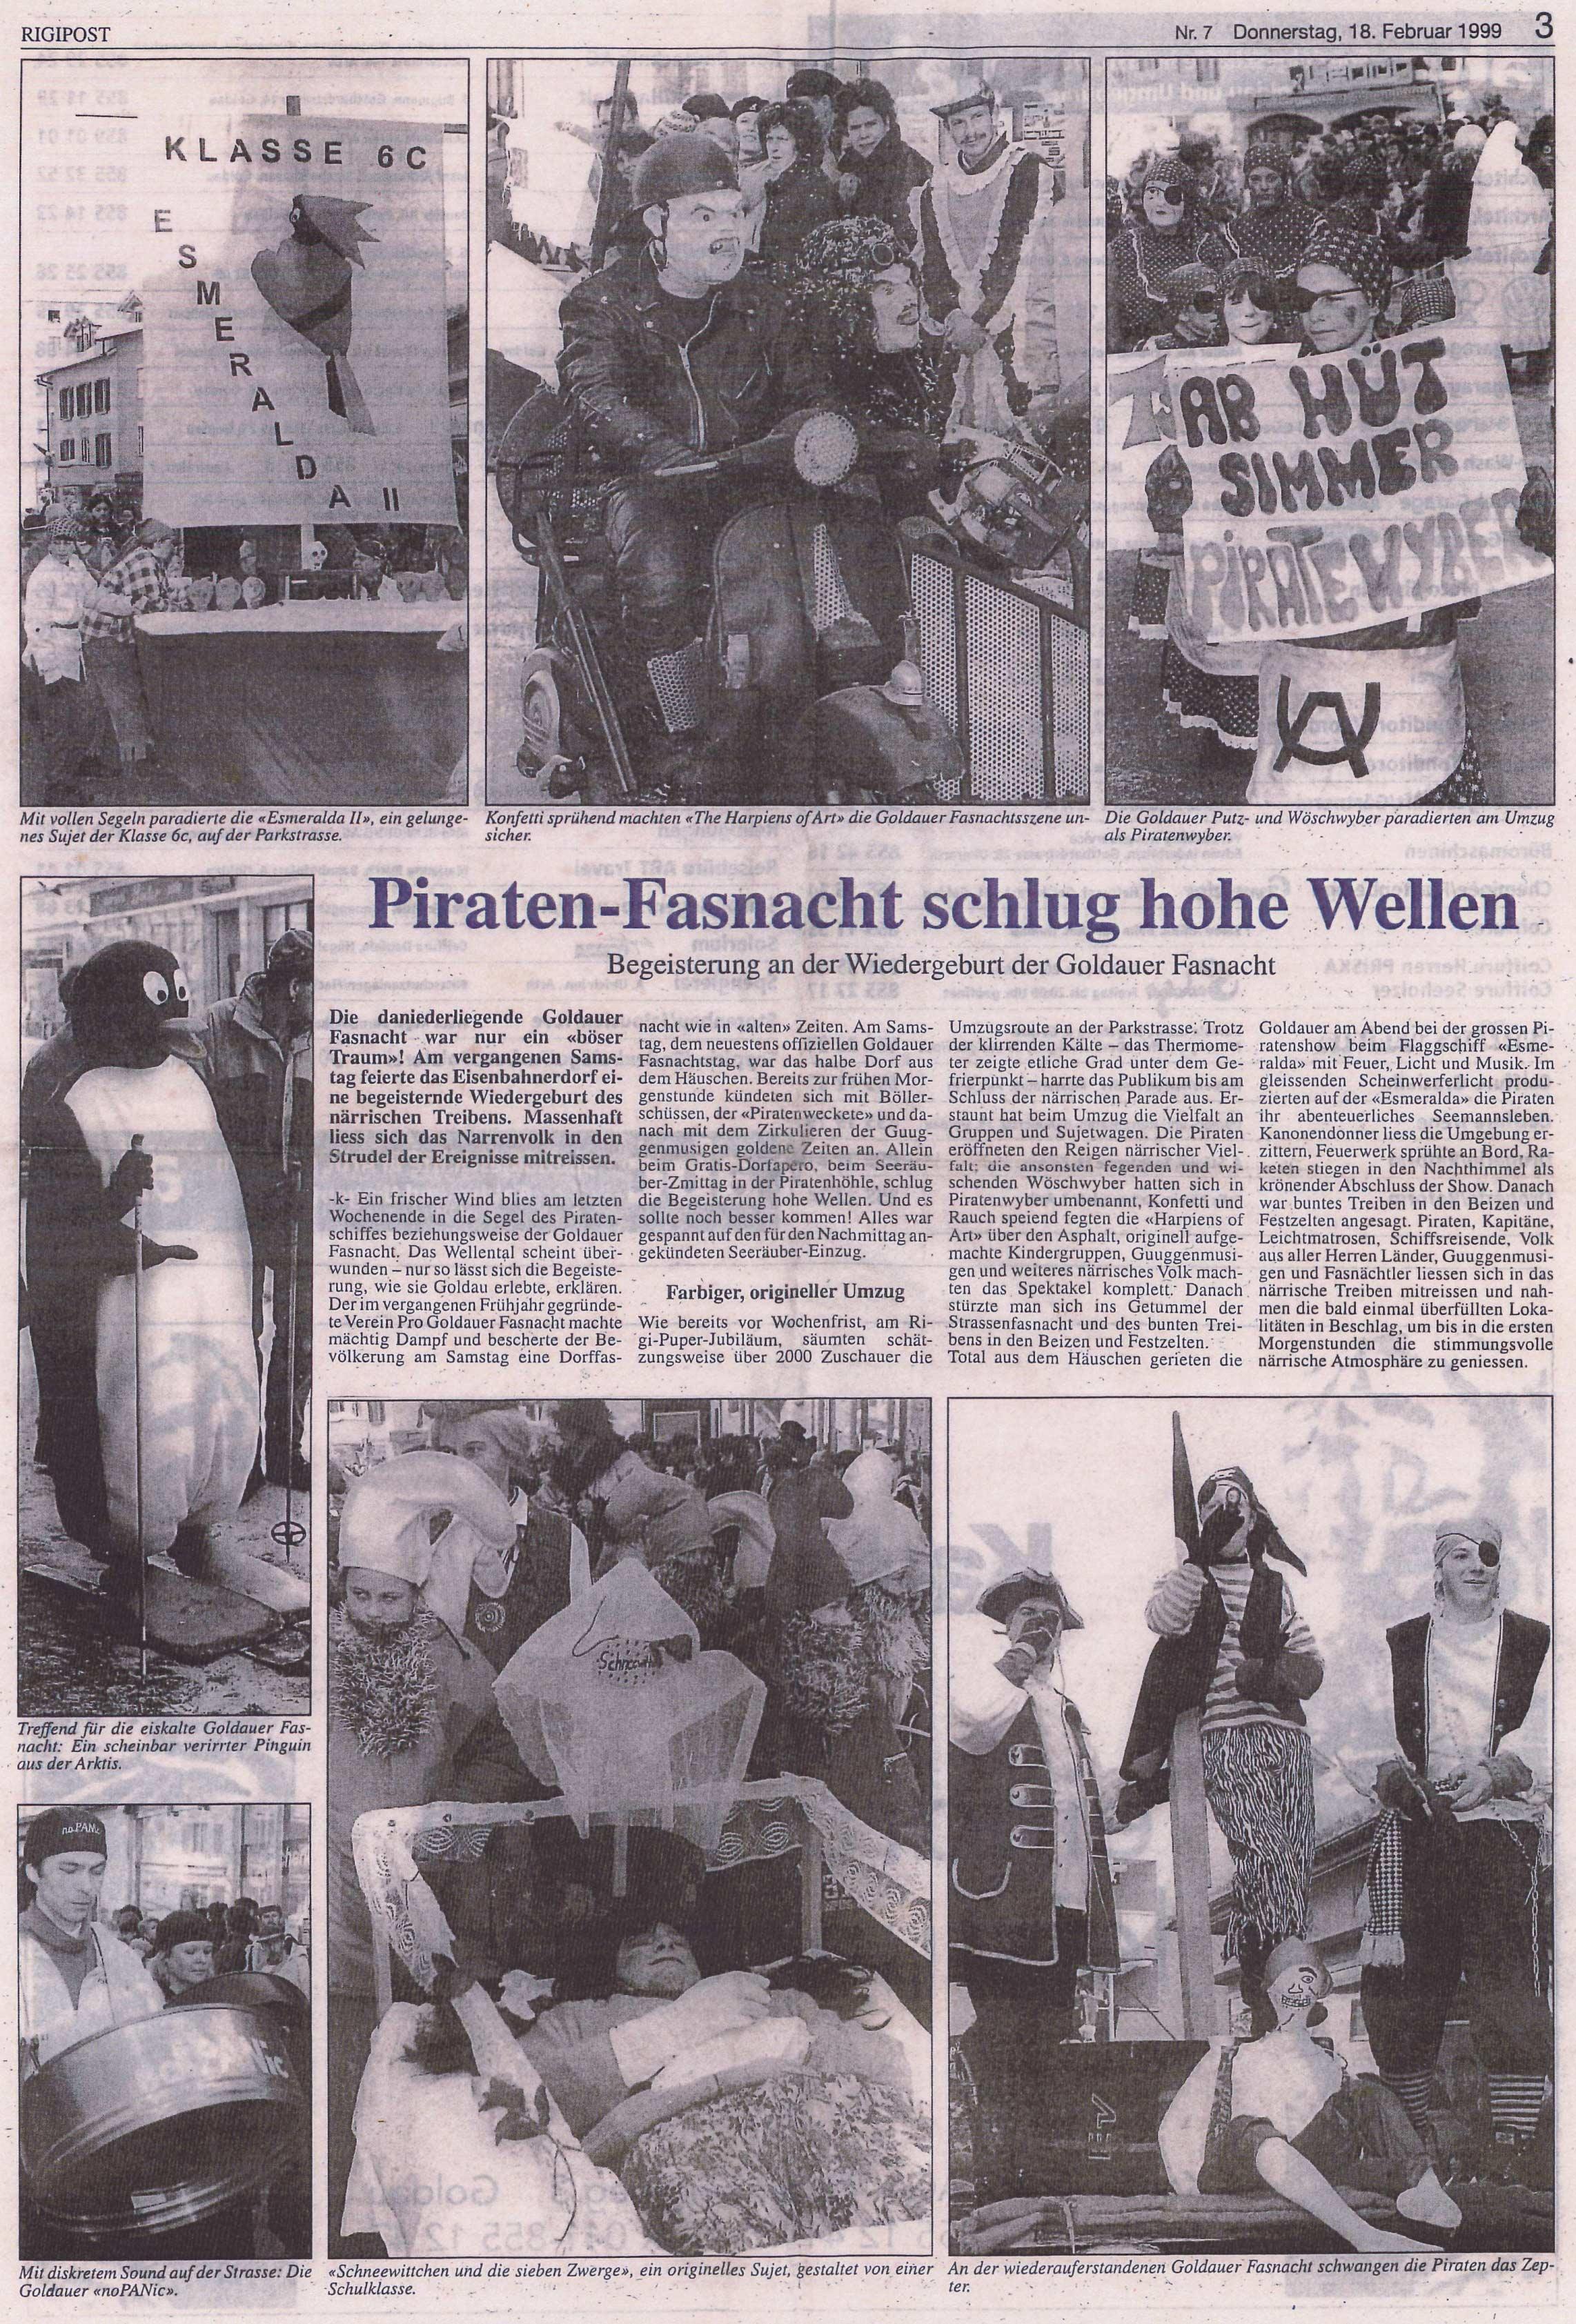 RP 1999 Piratenfasnacht